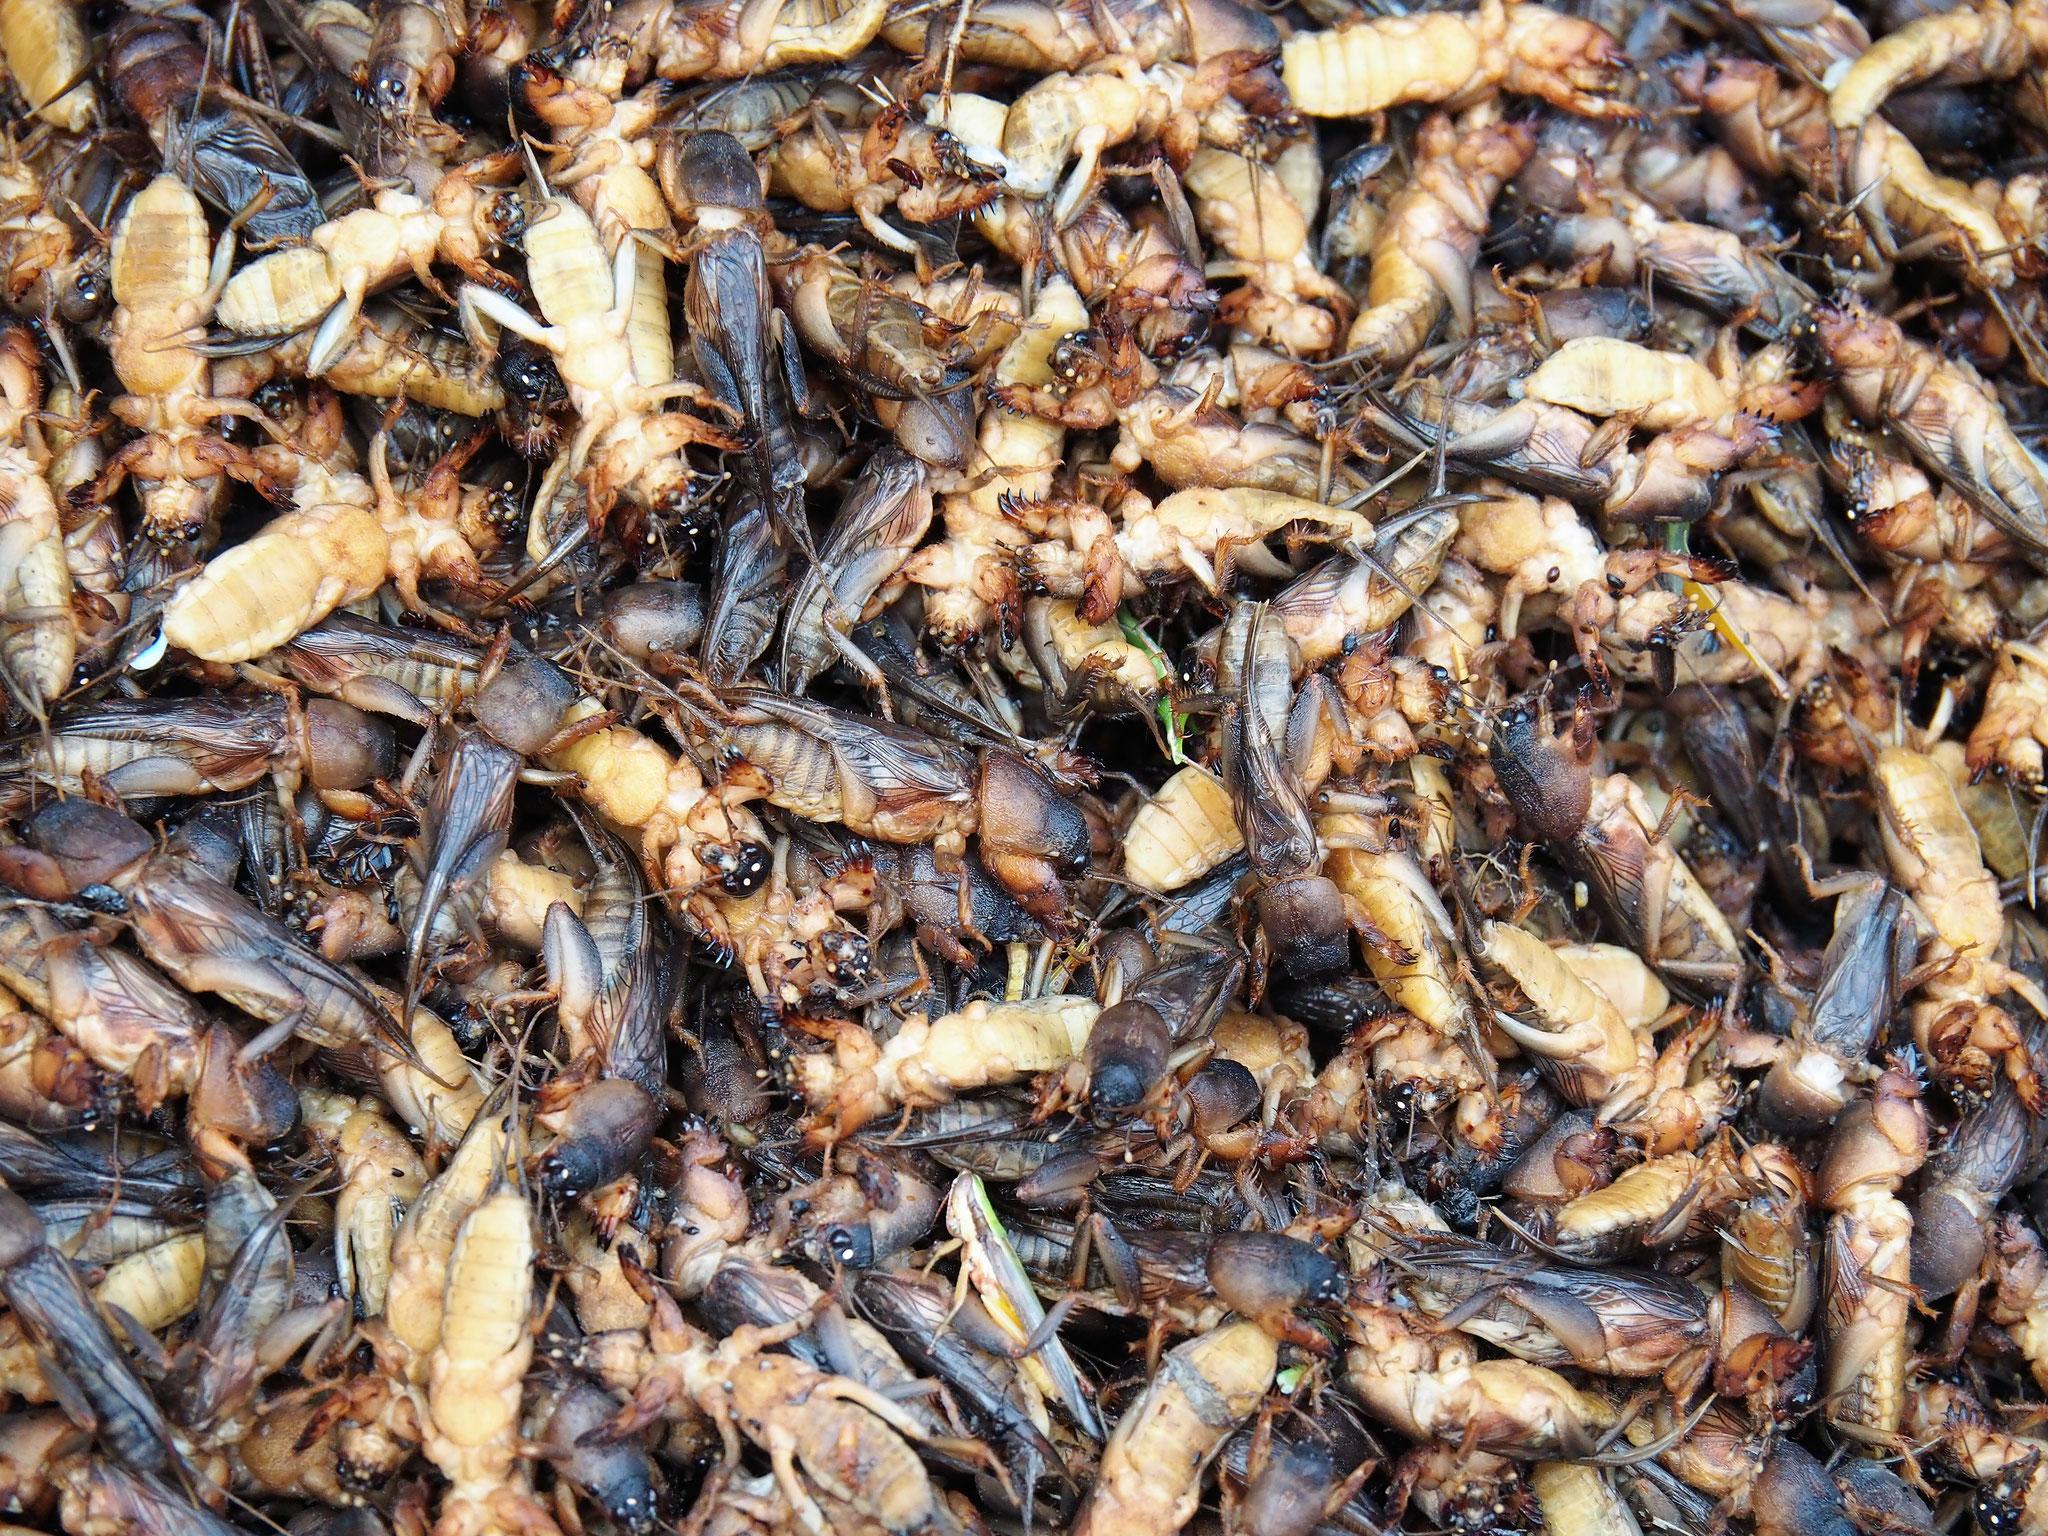 unbekannte Krabbler, vermischt mit einzelnen Kakerlaken